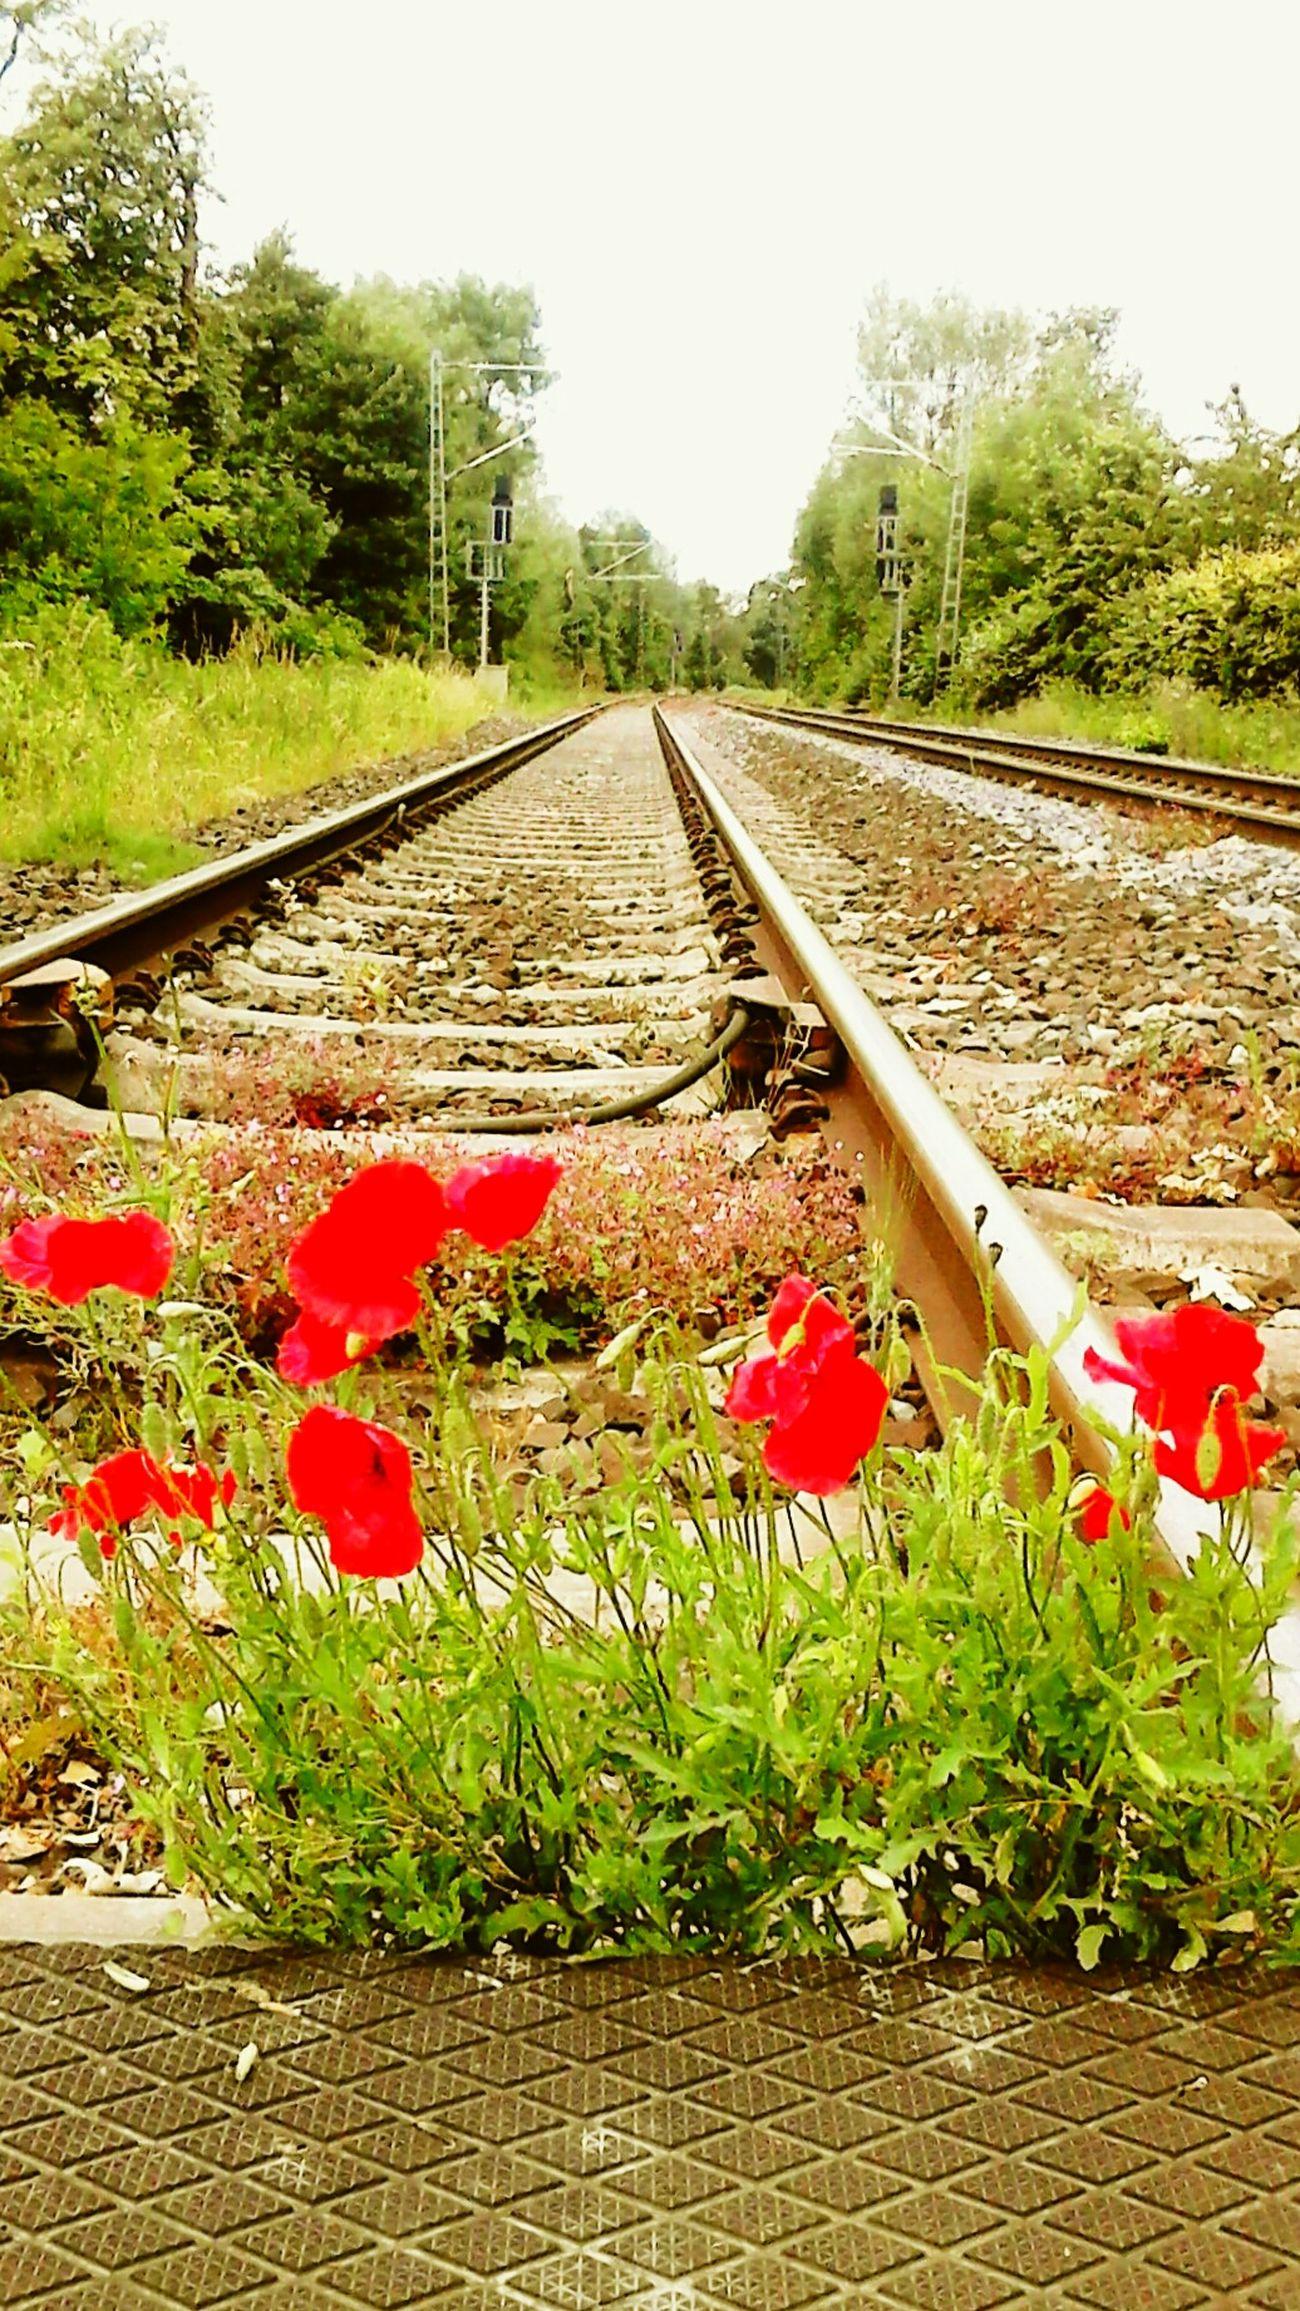 Mohnblumen am Bahnübergang . First Eyeem Photo Taking Photos Railway Deutsche Bahn